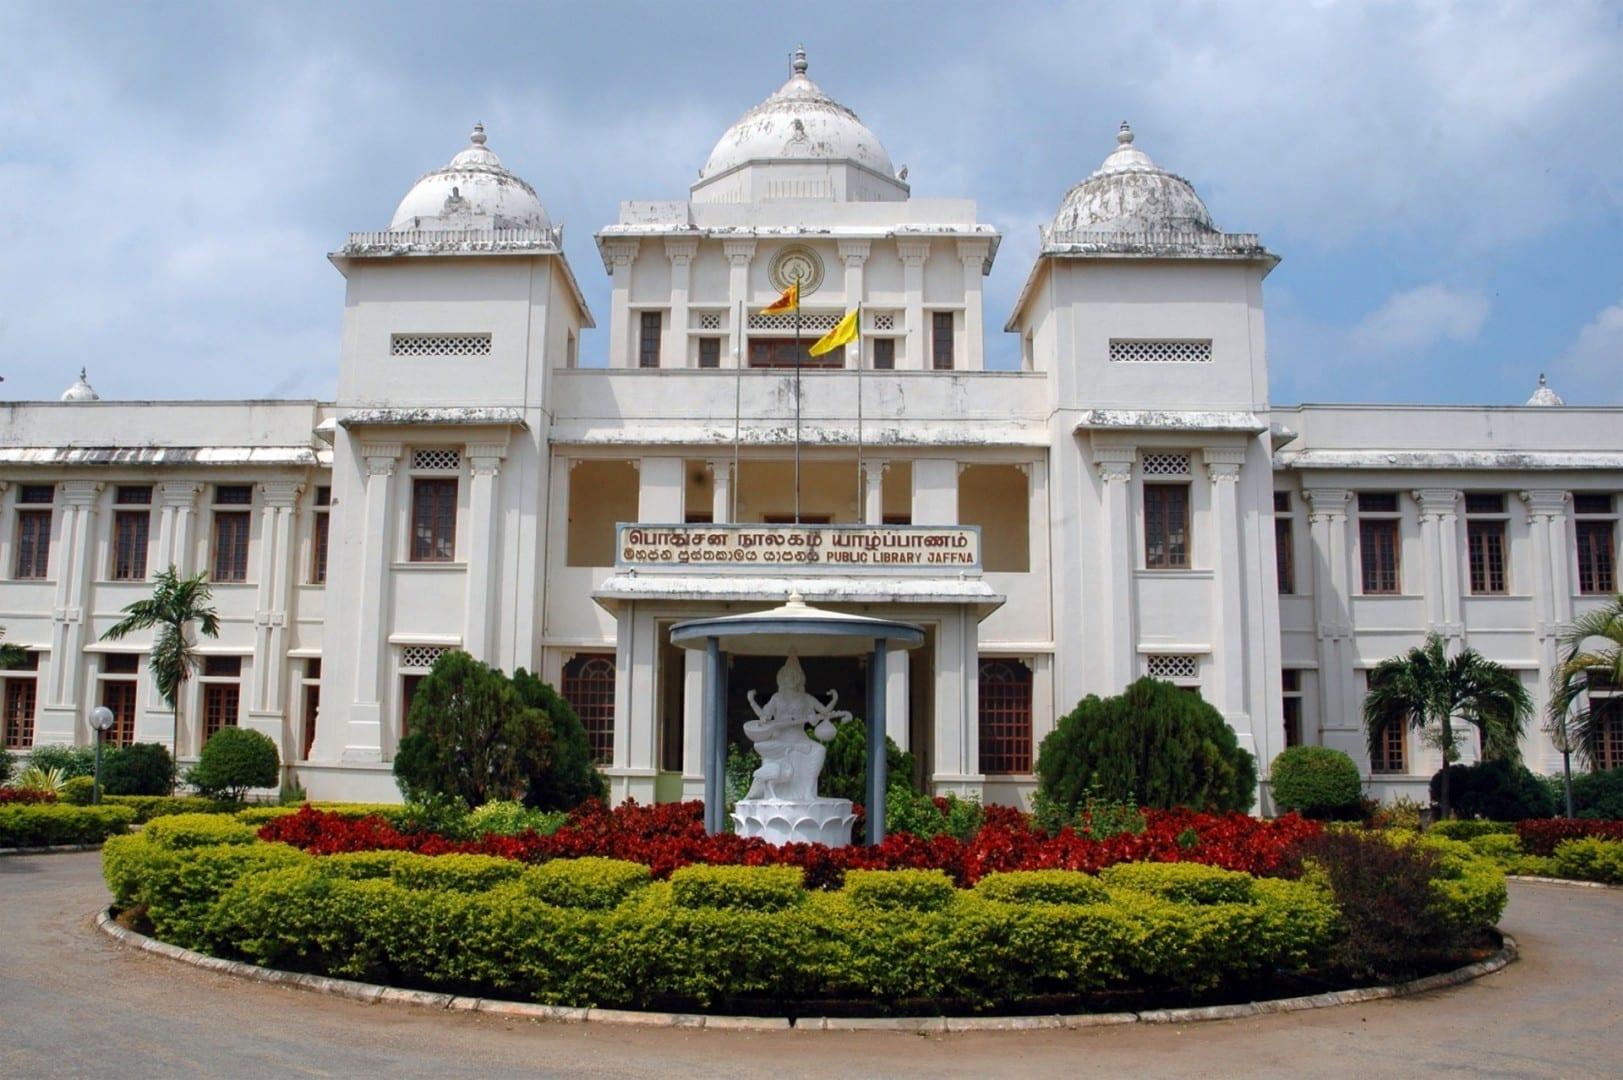 La restaurada Biblioteca de Jaffna. Jaffna Sri Lanka